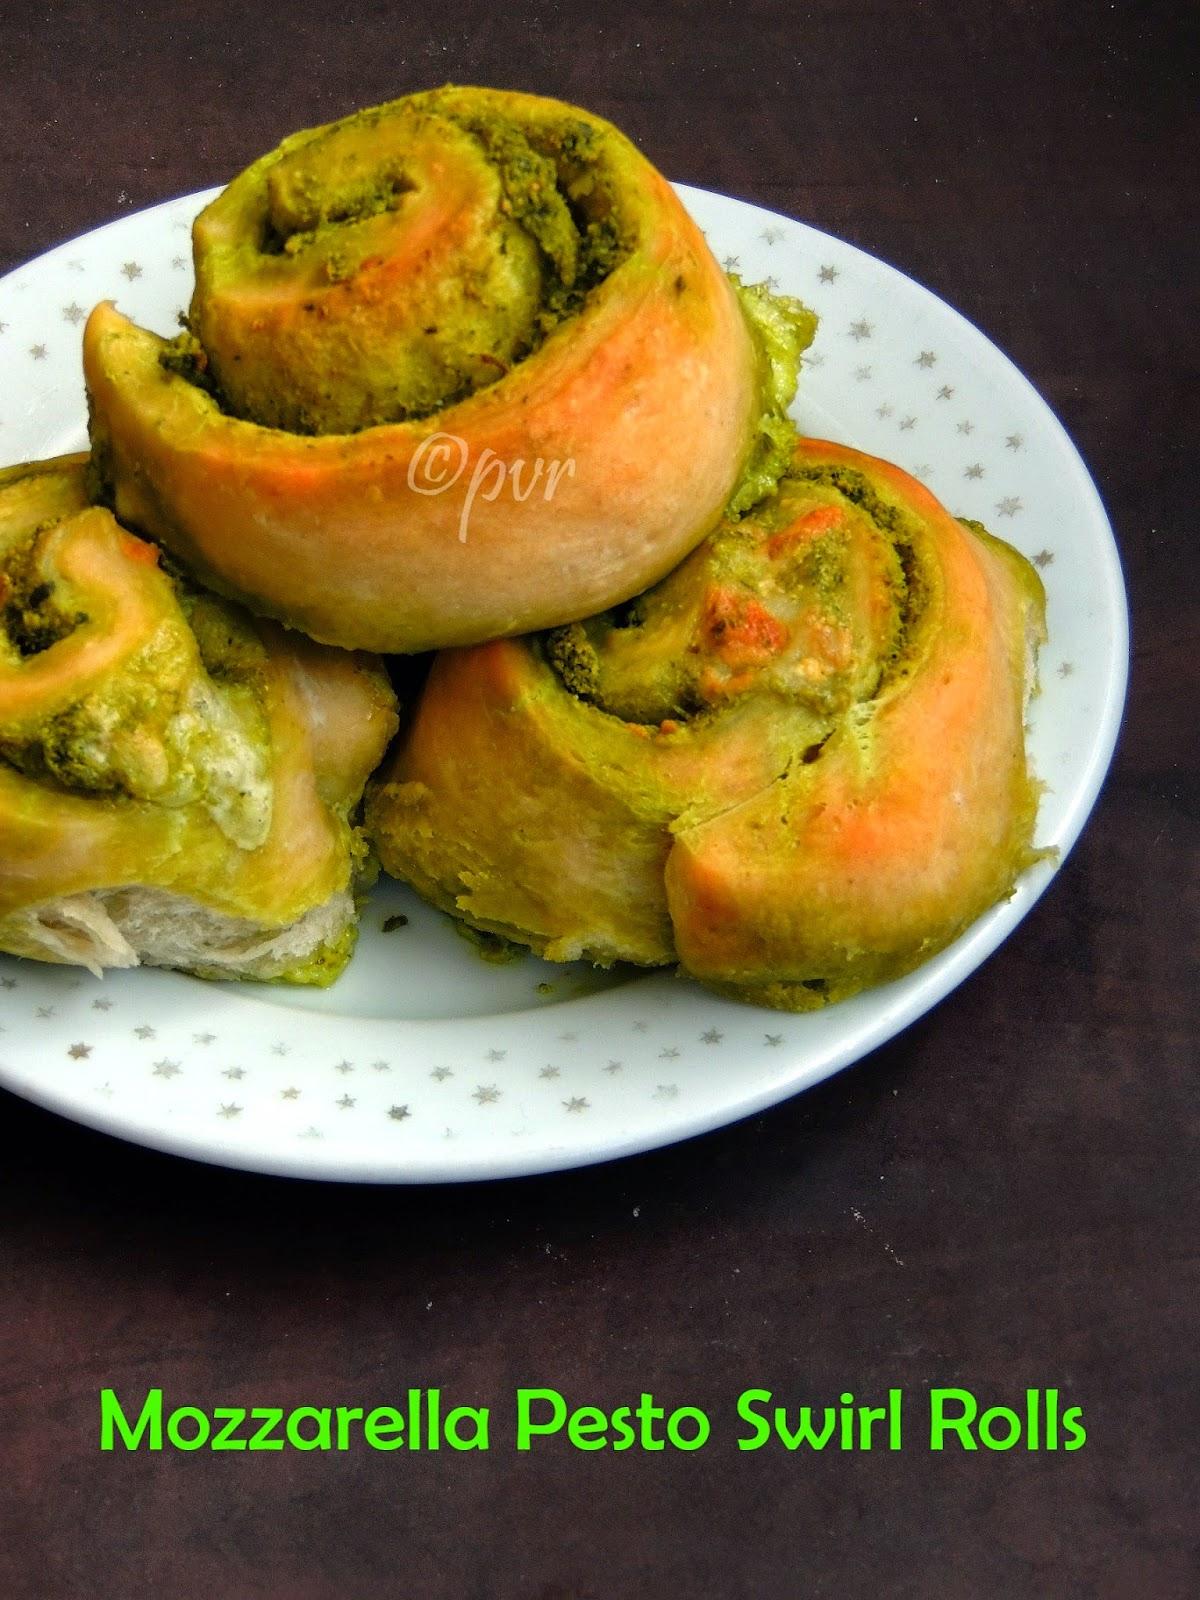 Pesto & Mozzarella swirl Rolls